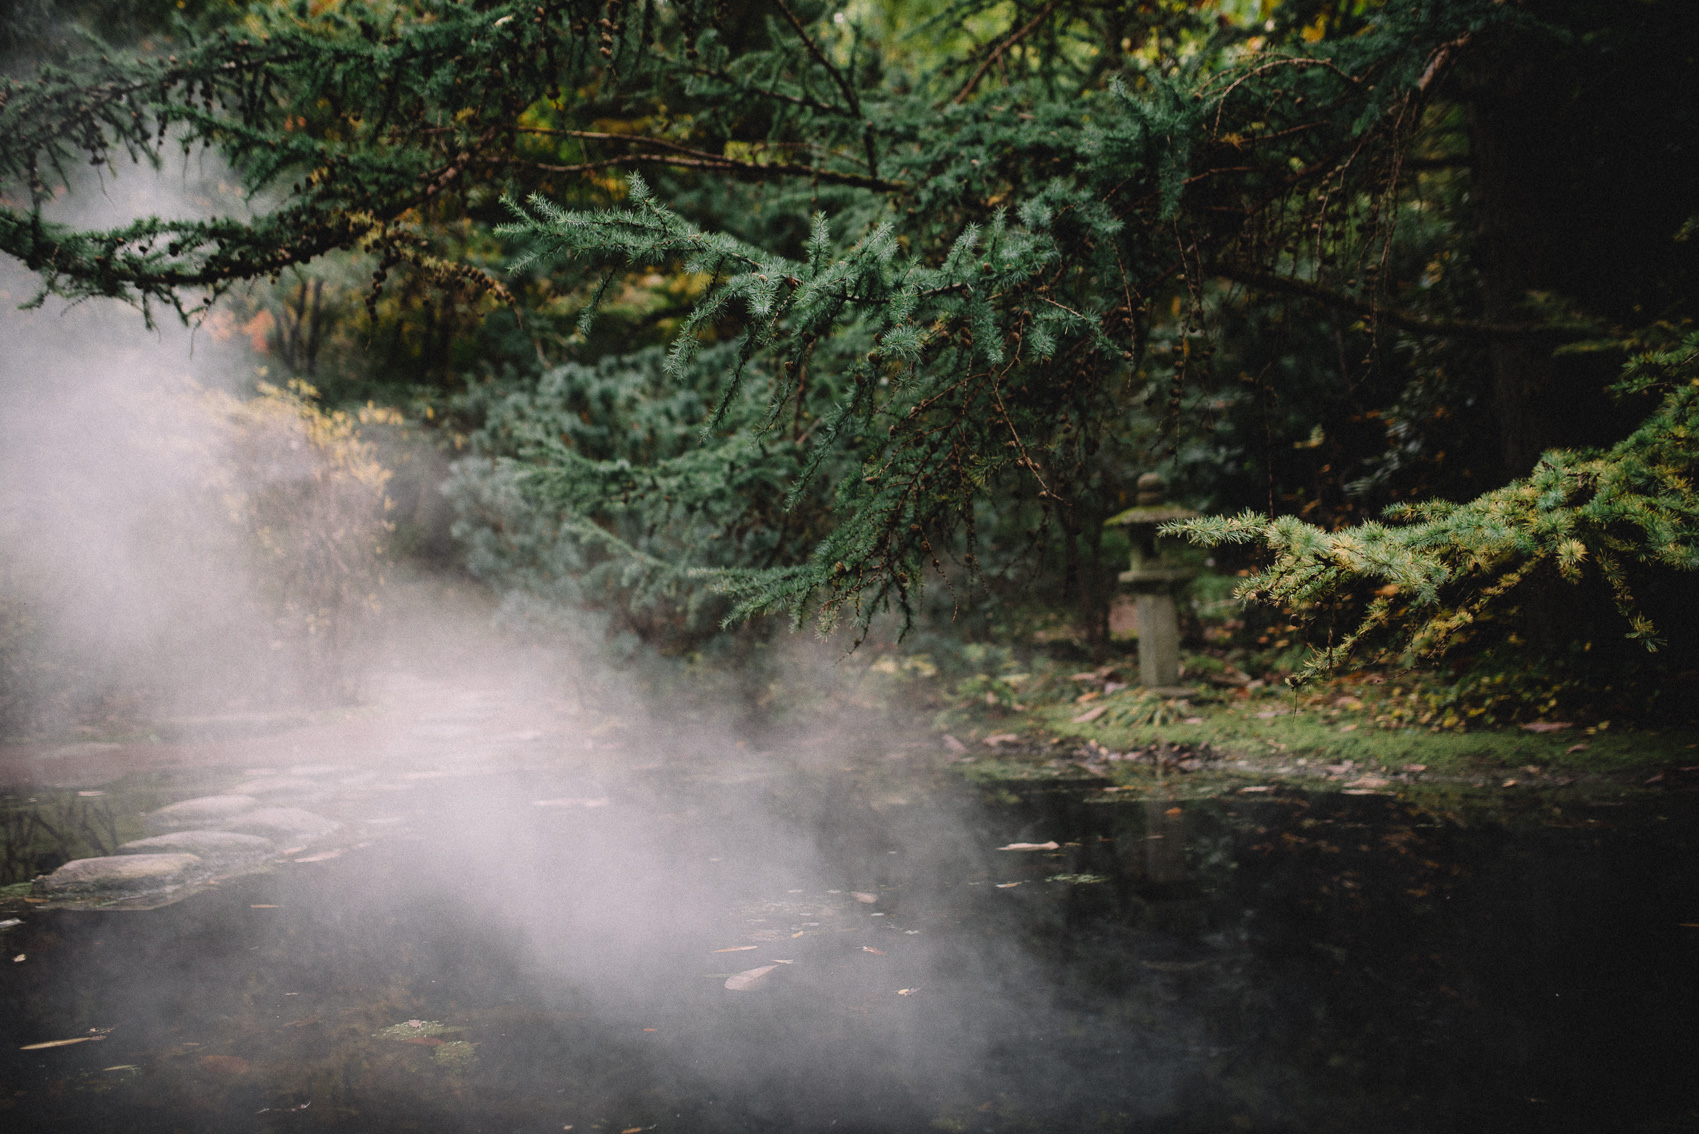 bilderna i lyckebo skog midbec tapeter